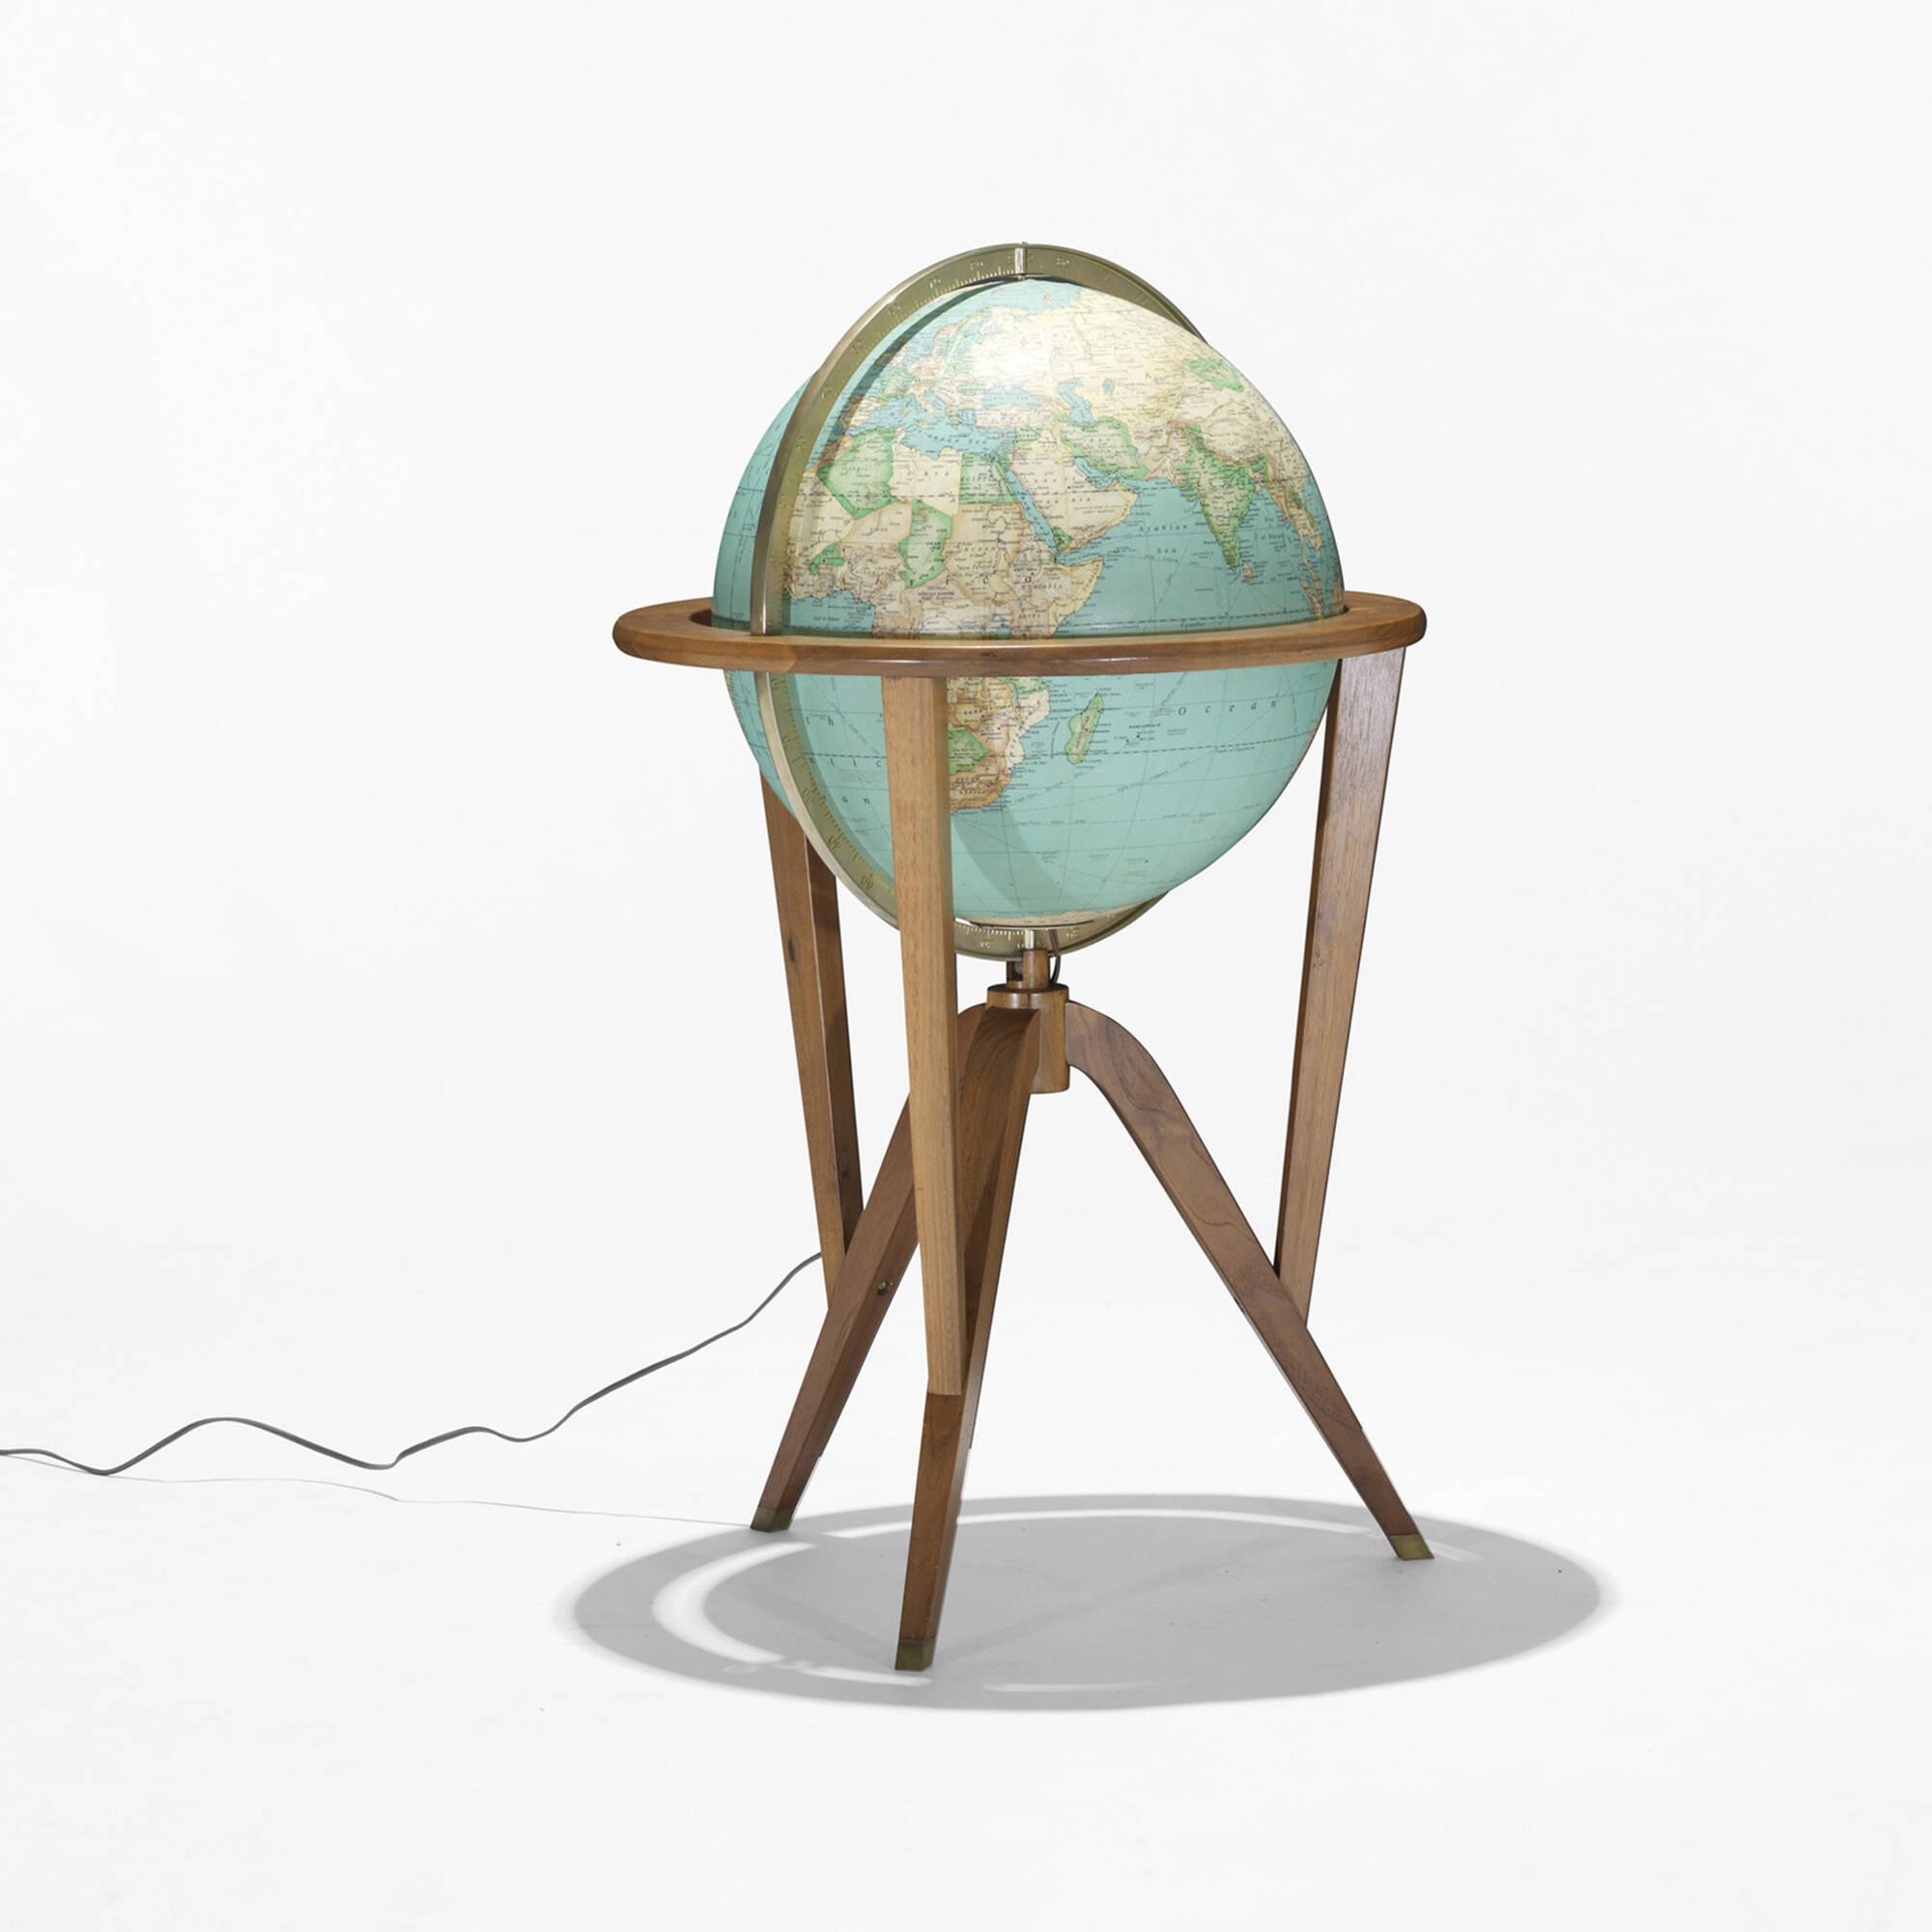 Modern Home Design October 2012: 265: EDWARD WORMLEY, Cosmopolitan Globe